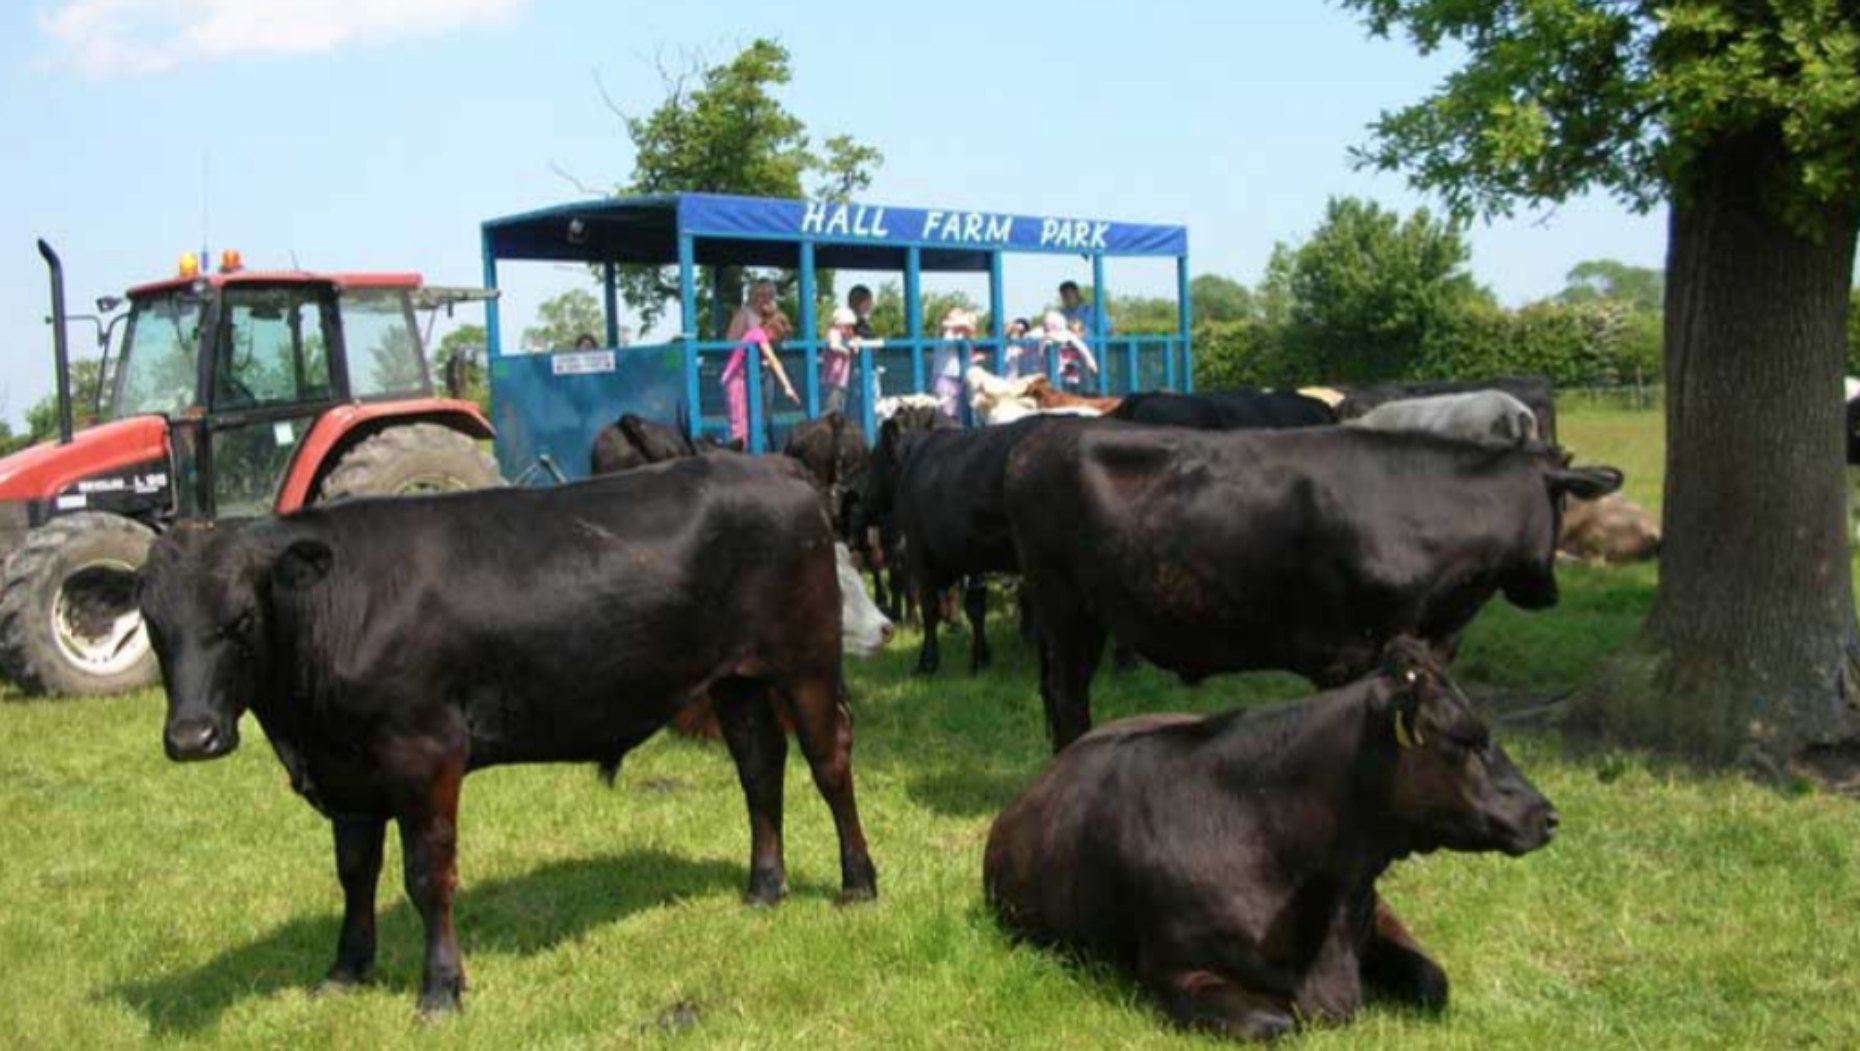 Photo: Hall Farm Park Website